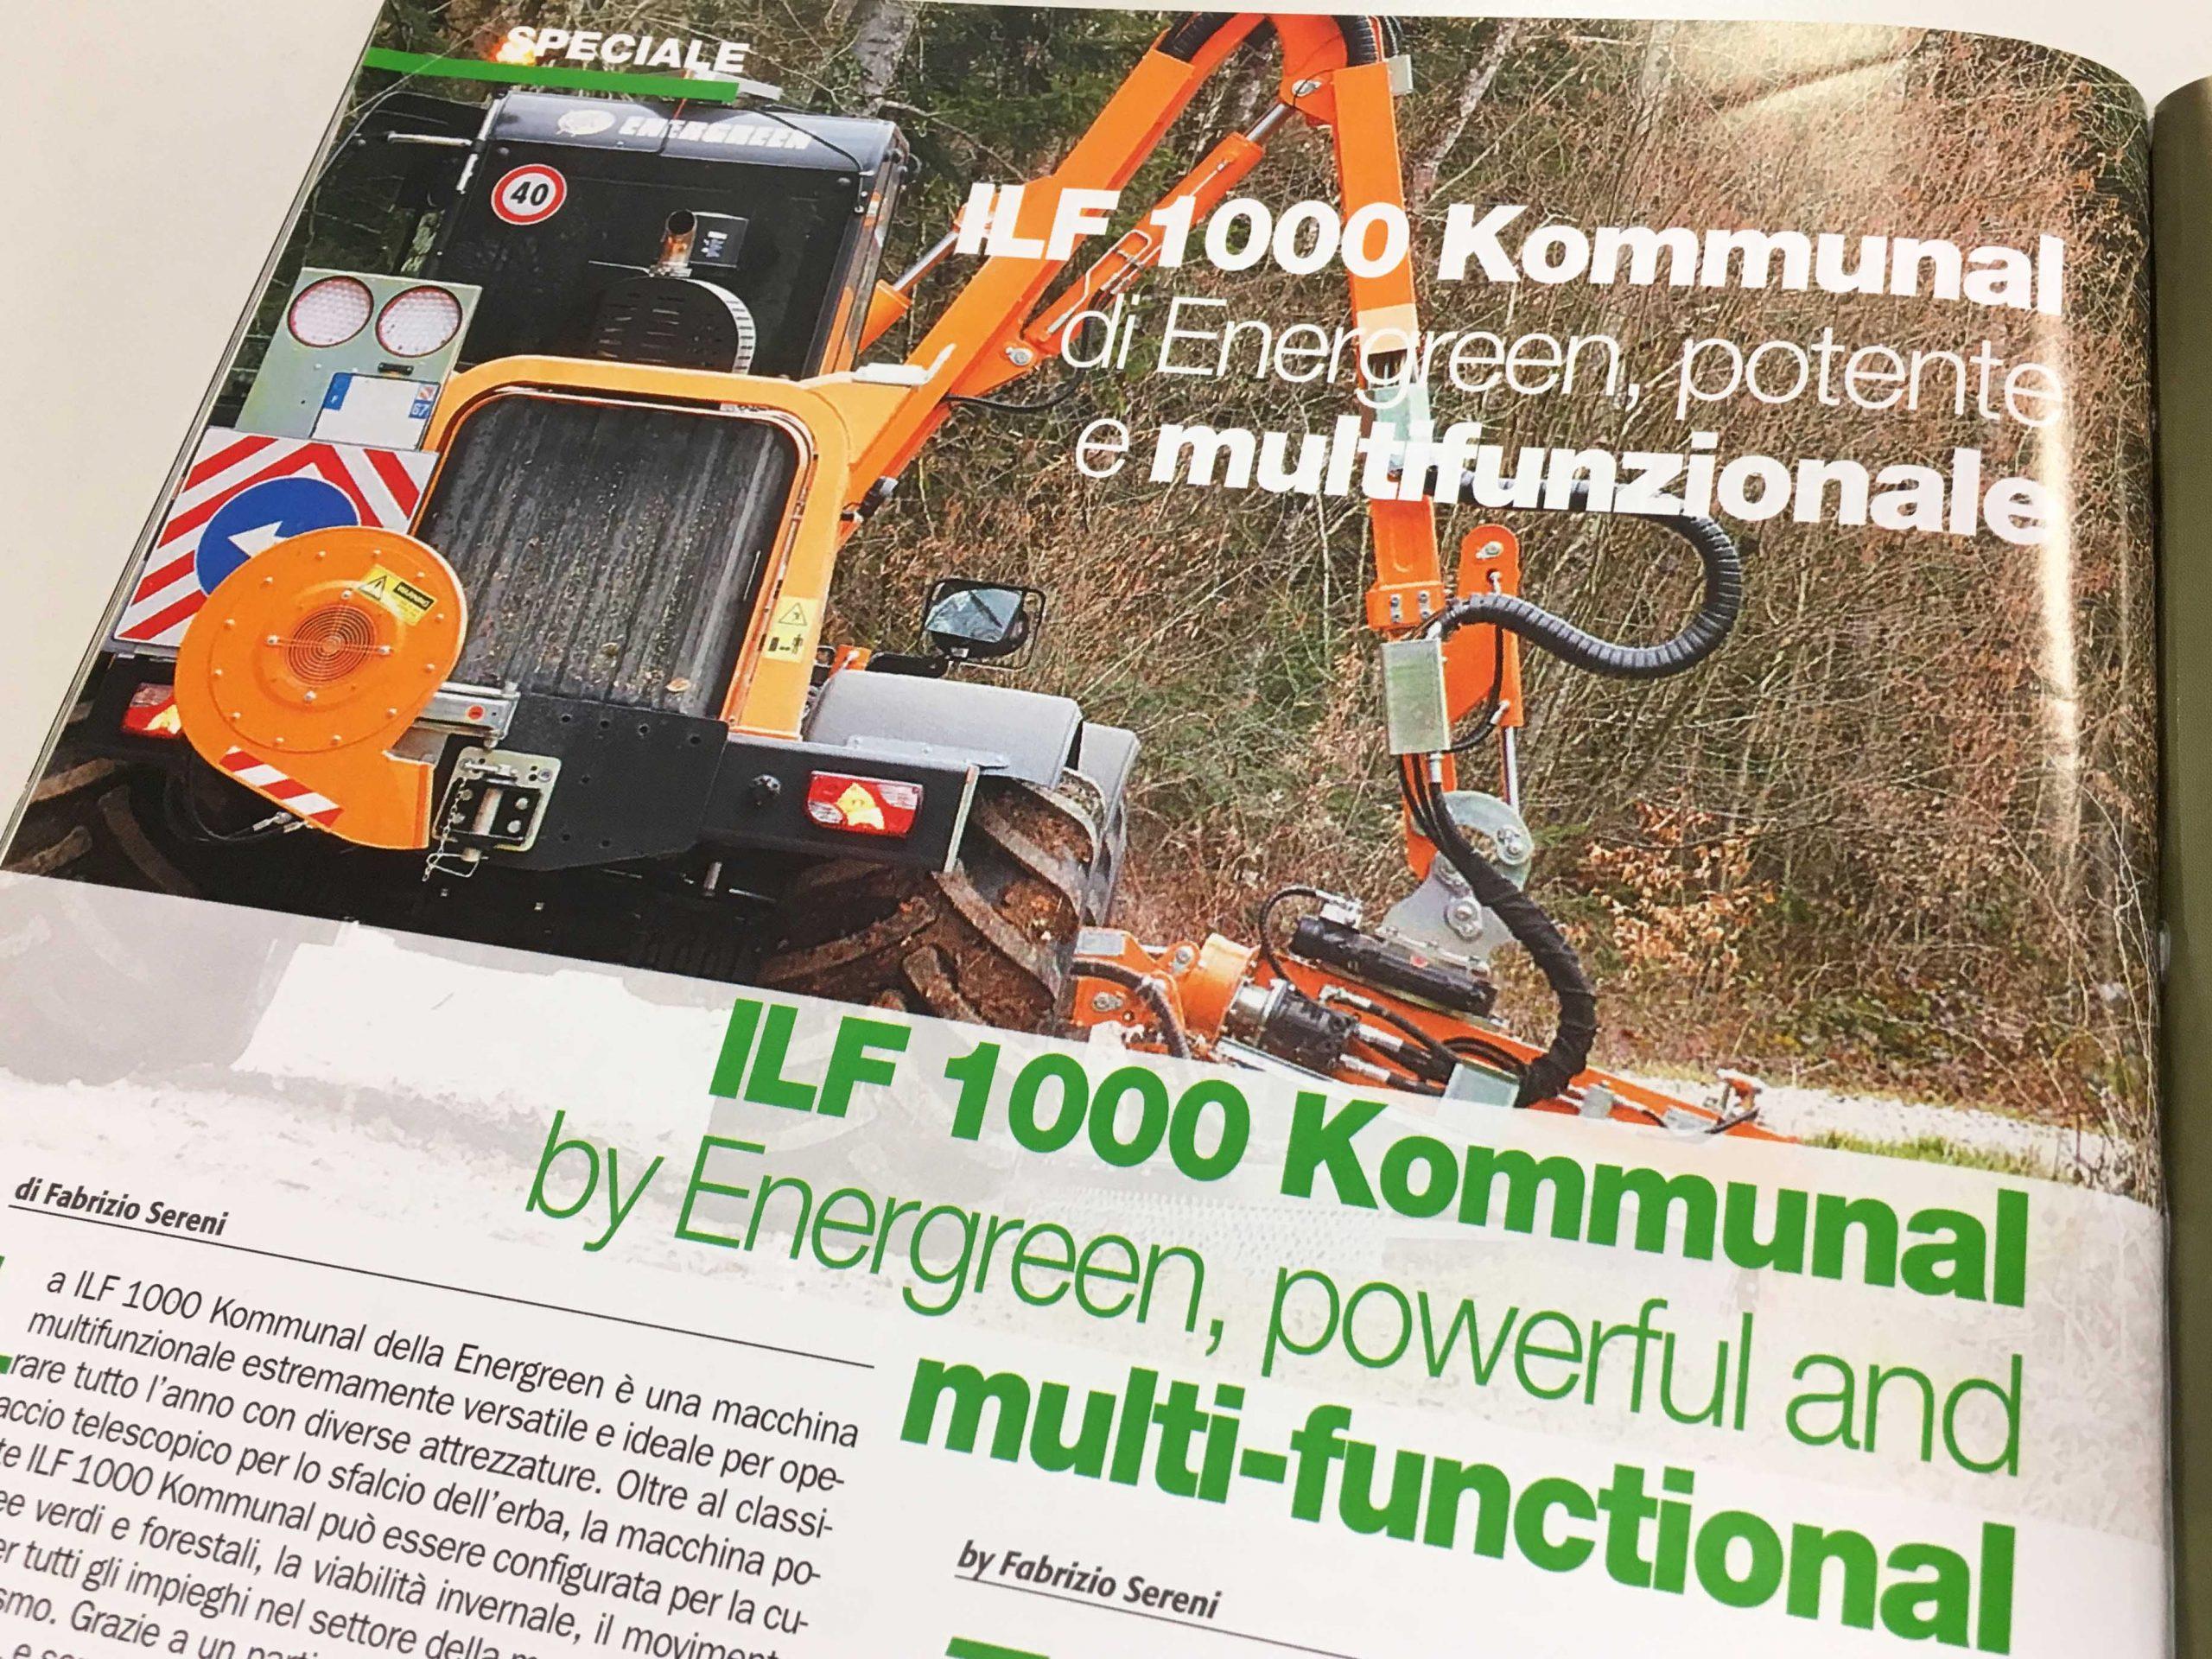 Nuova ILF 1000 Kommunal by Energreen